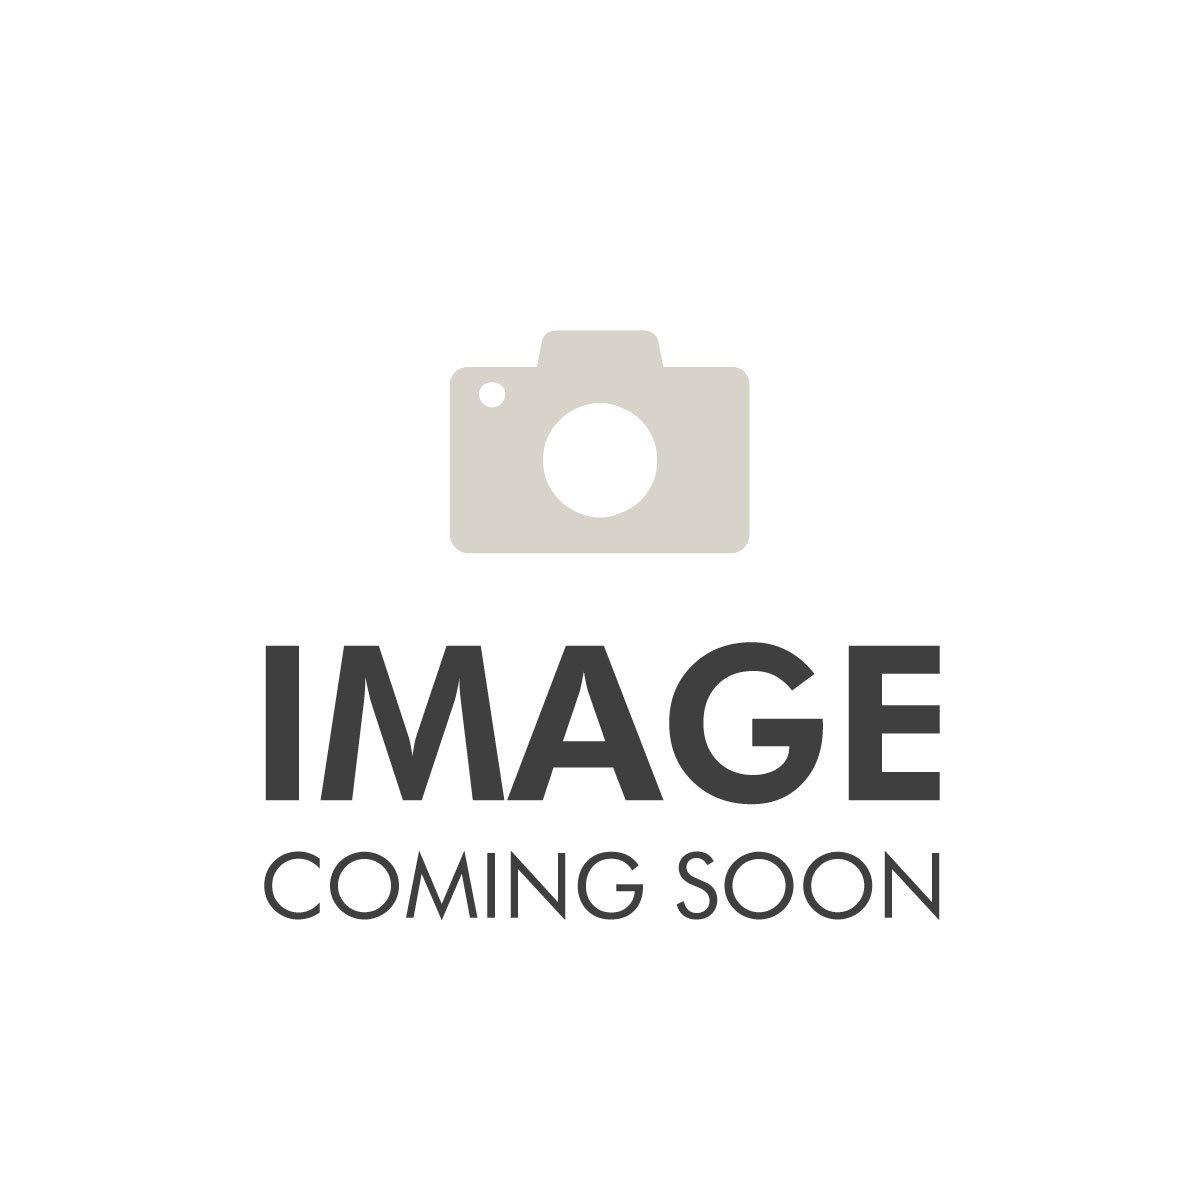 Absolute - Coussin de fleuret/sabre électrique - Transparent